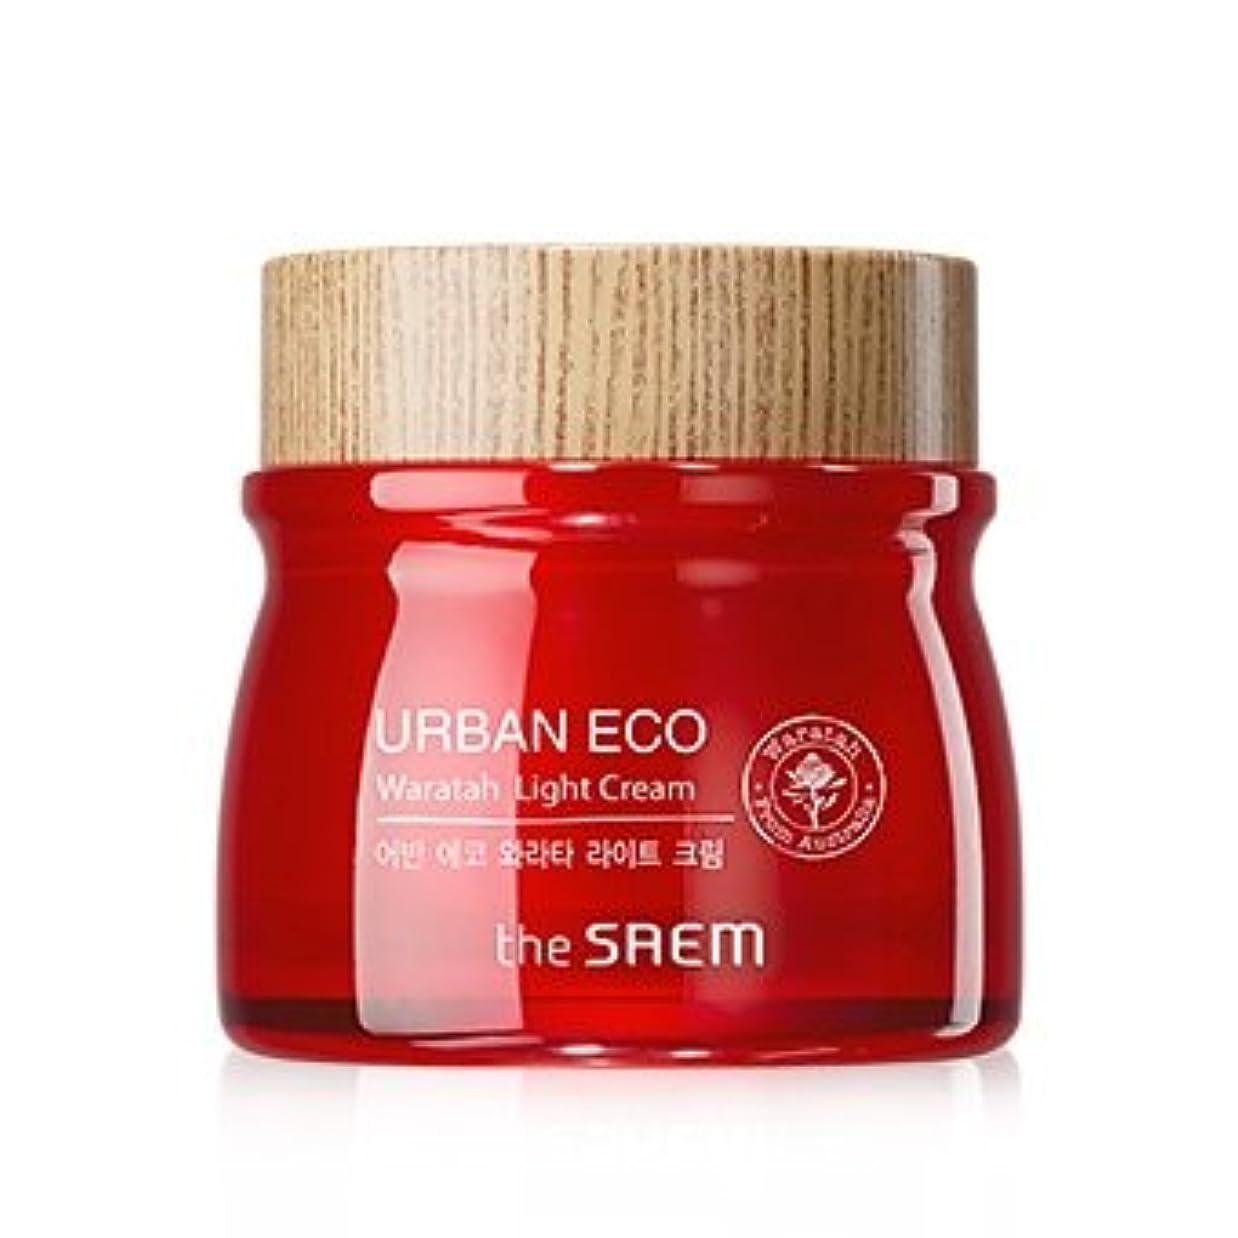 契約したリネン付き添い人The Saem Urban Eco Waratah Light Cream 60ml ドセム アーバンエコワラターライトクリーム60ml[並行輸入品]